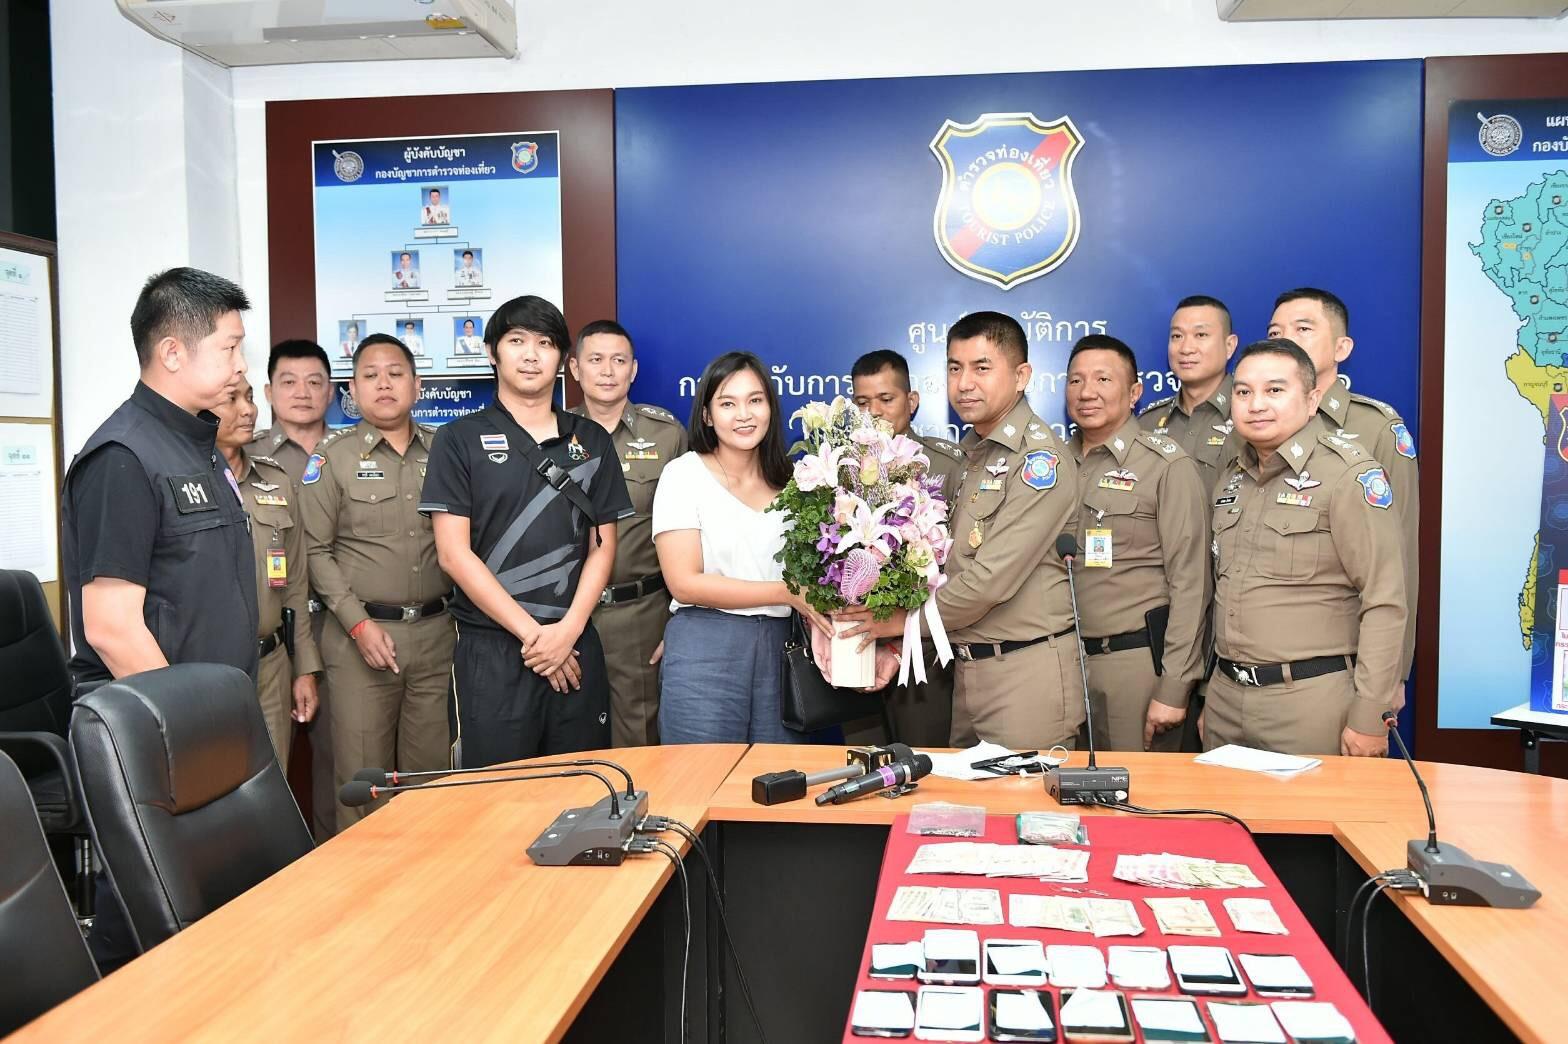 กองบังคับการตำรวจท่องเที่ยว 1